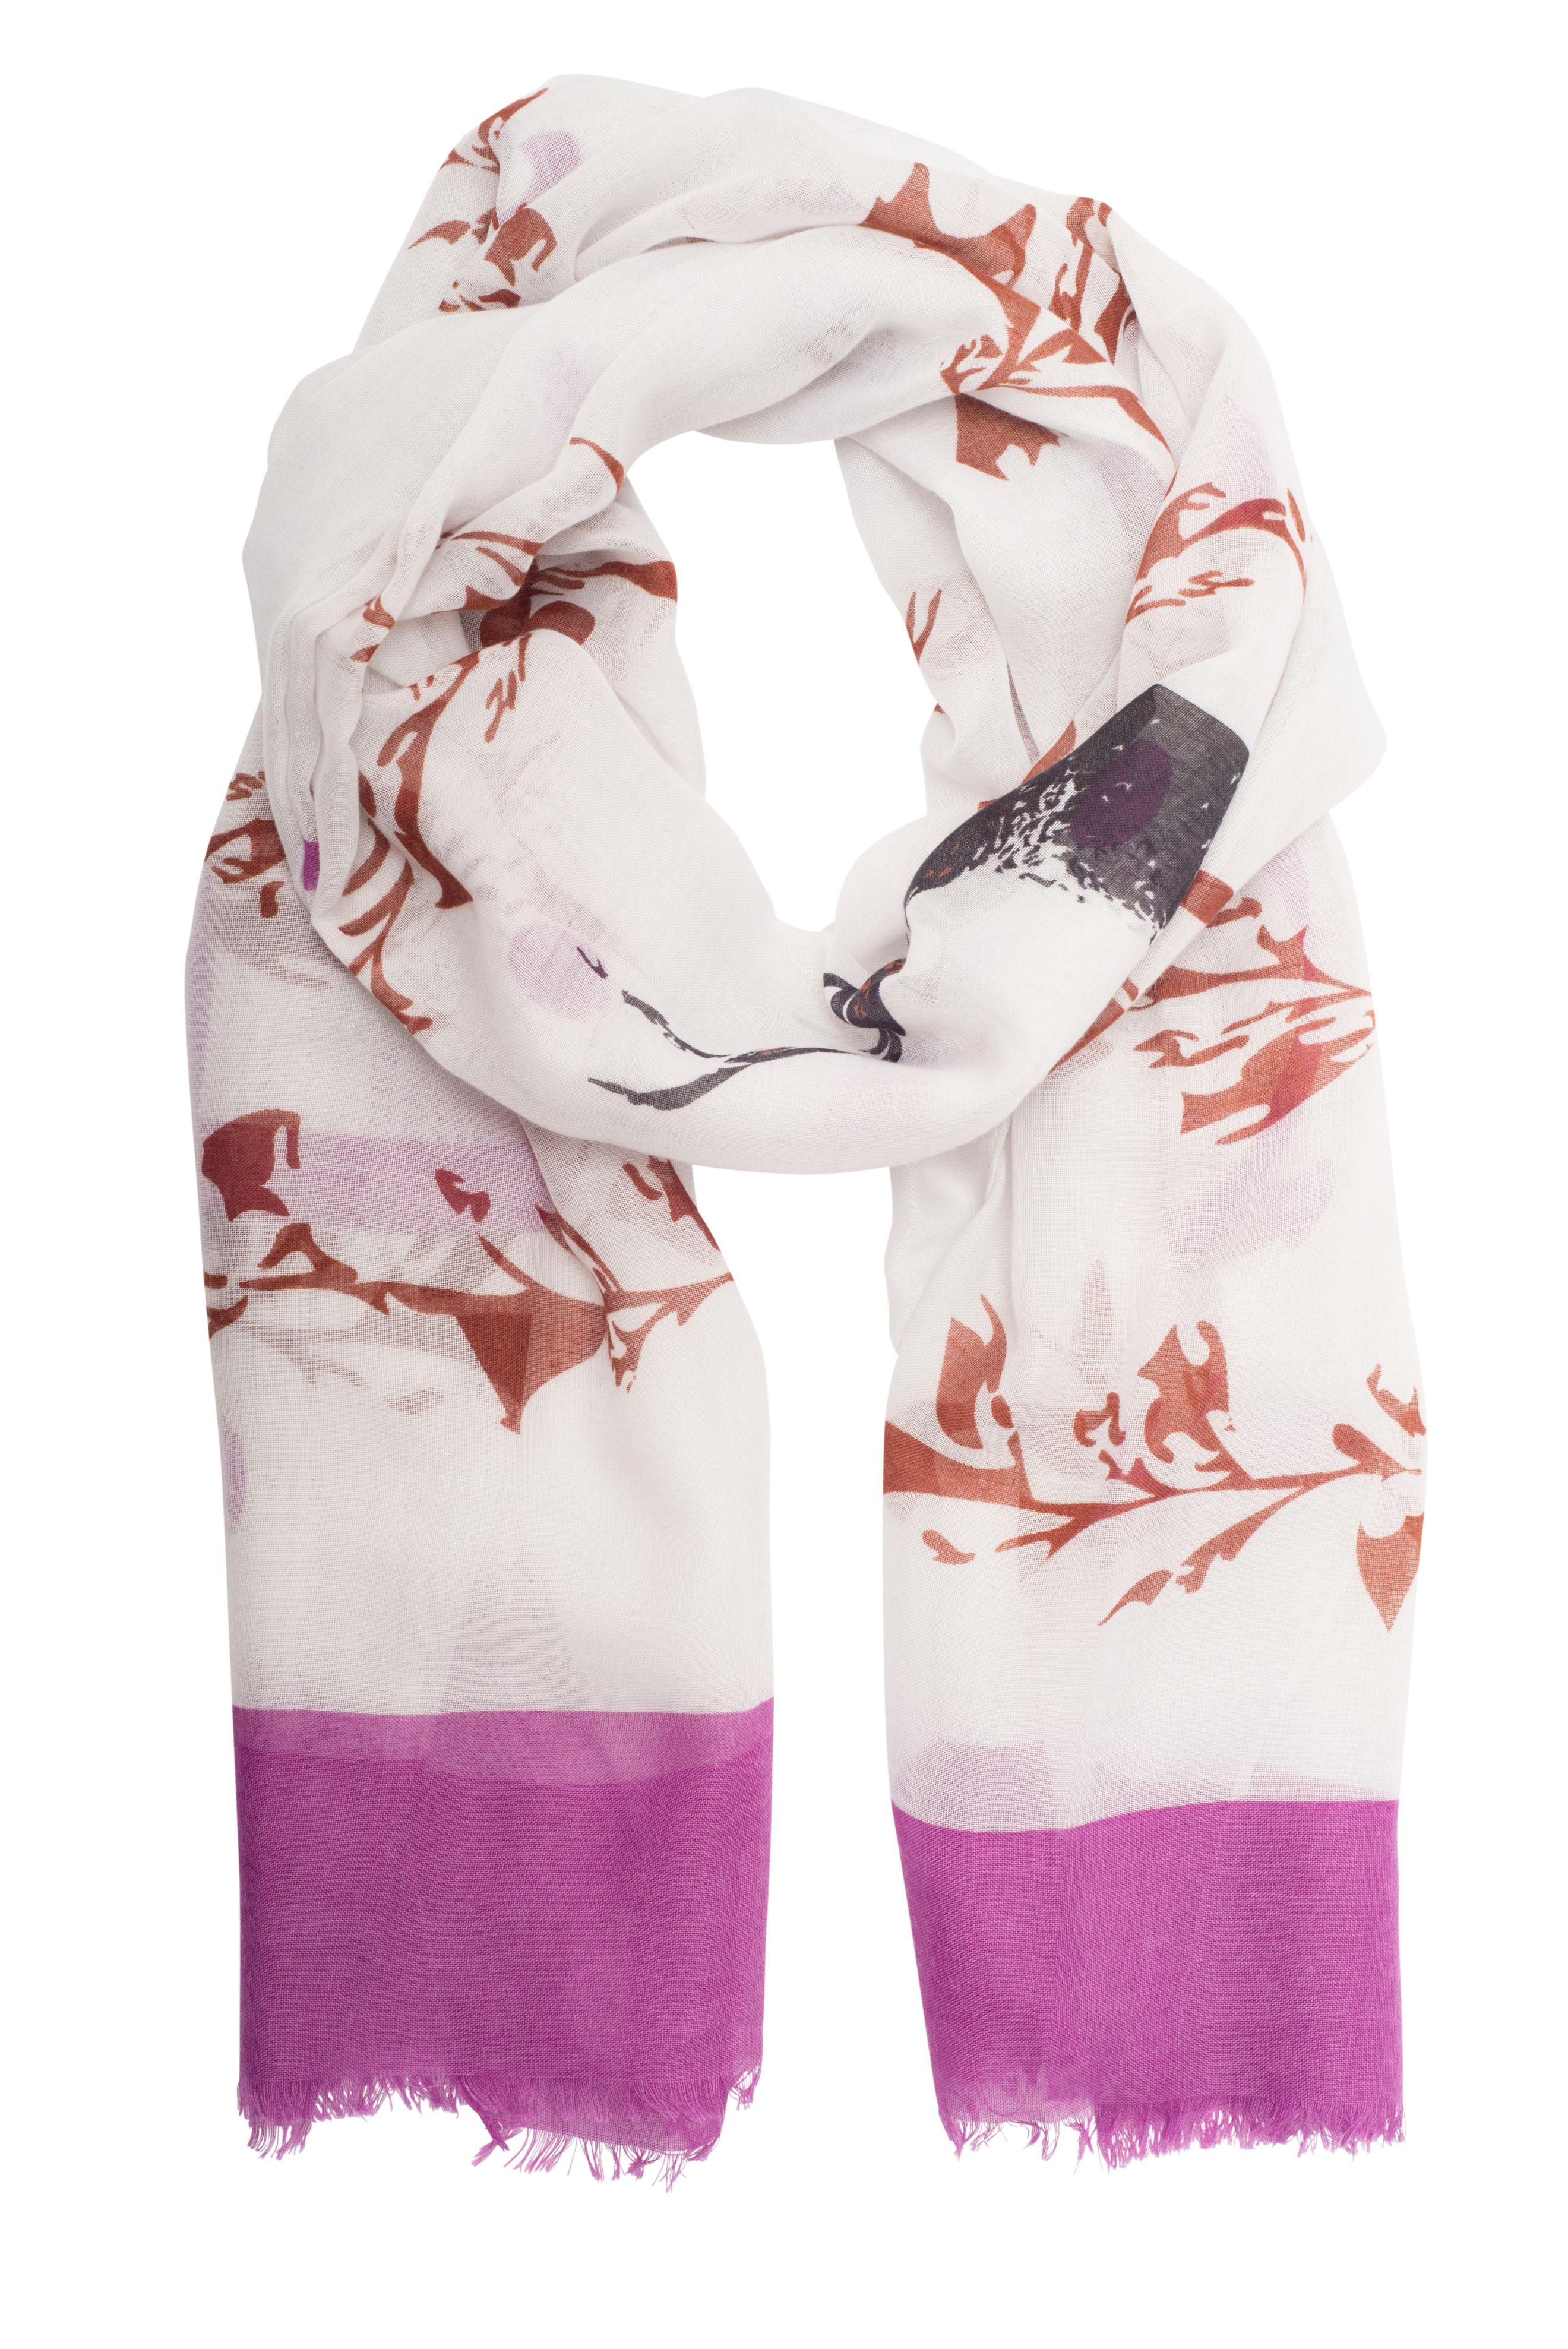 Leichter Schal in attraktivem Traditional Design